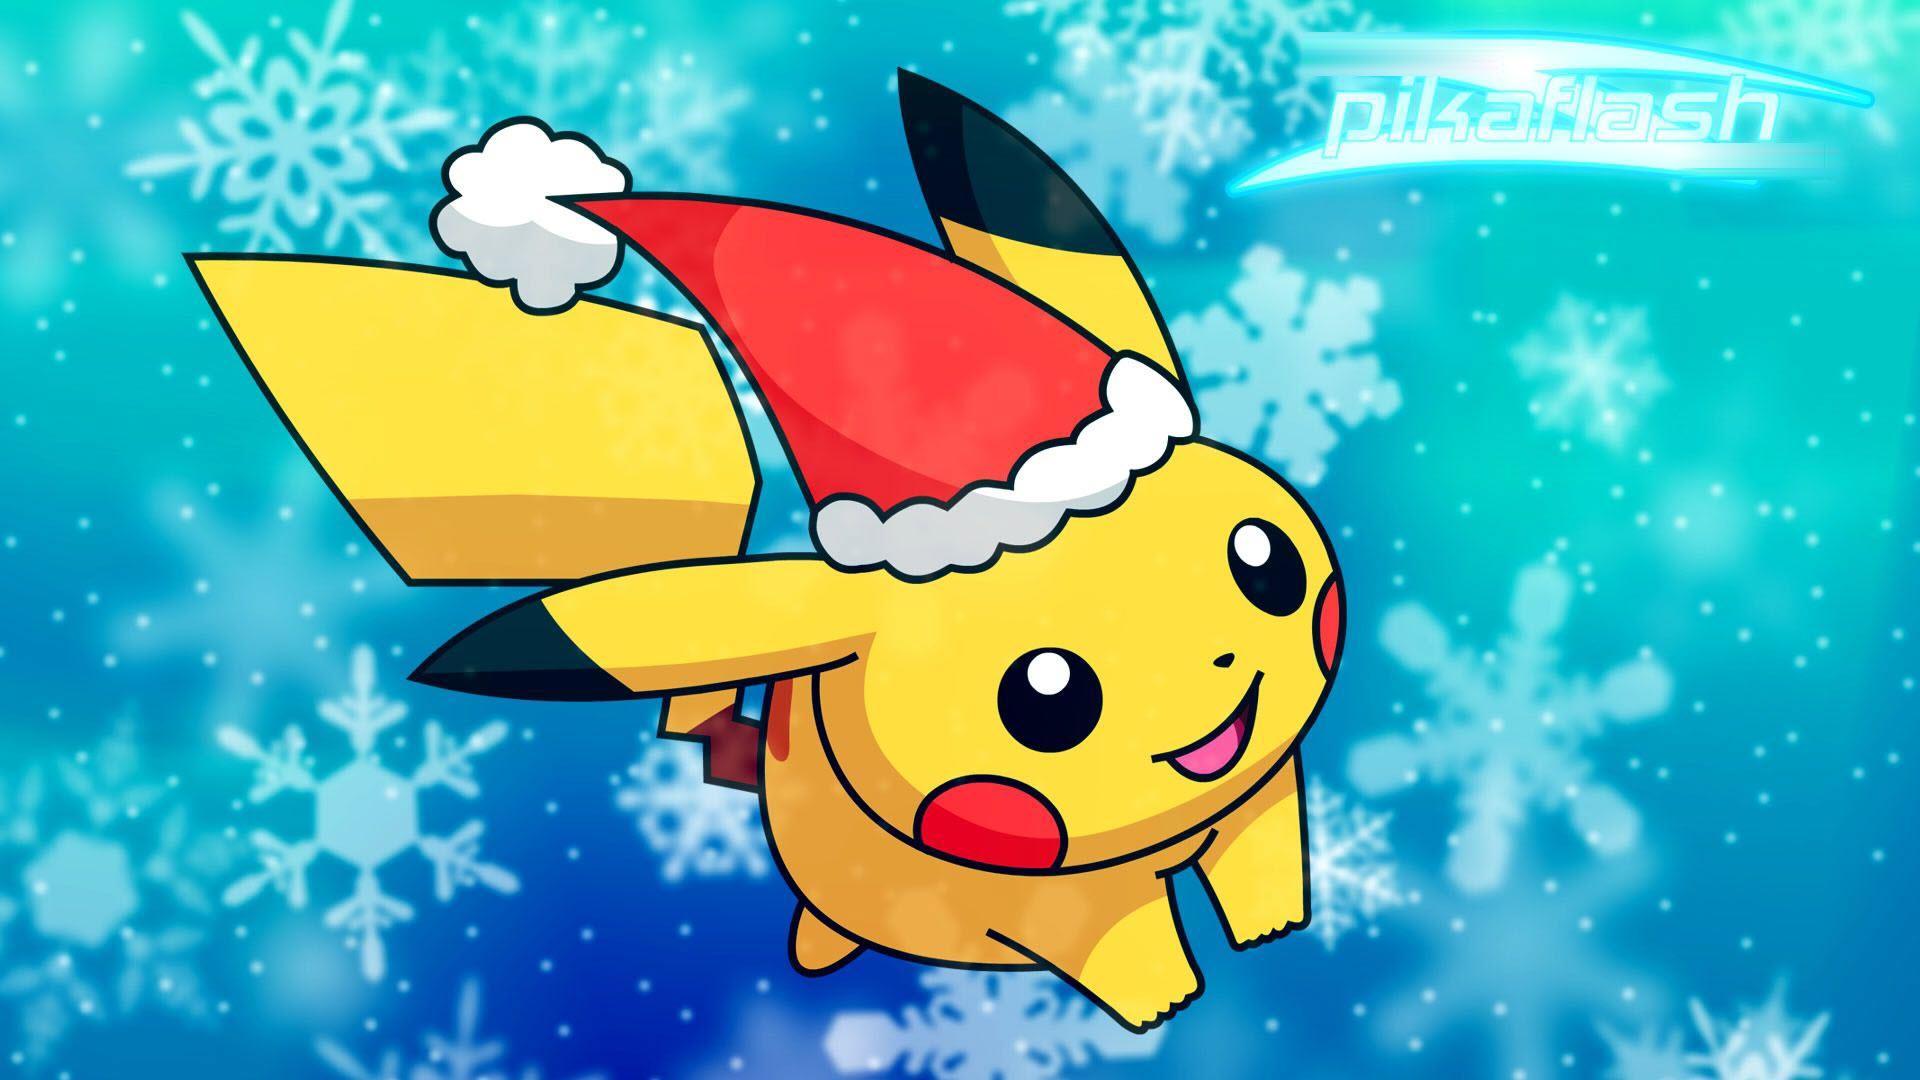 Hình nền Pikachu giáng sinh